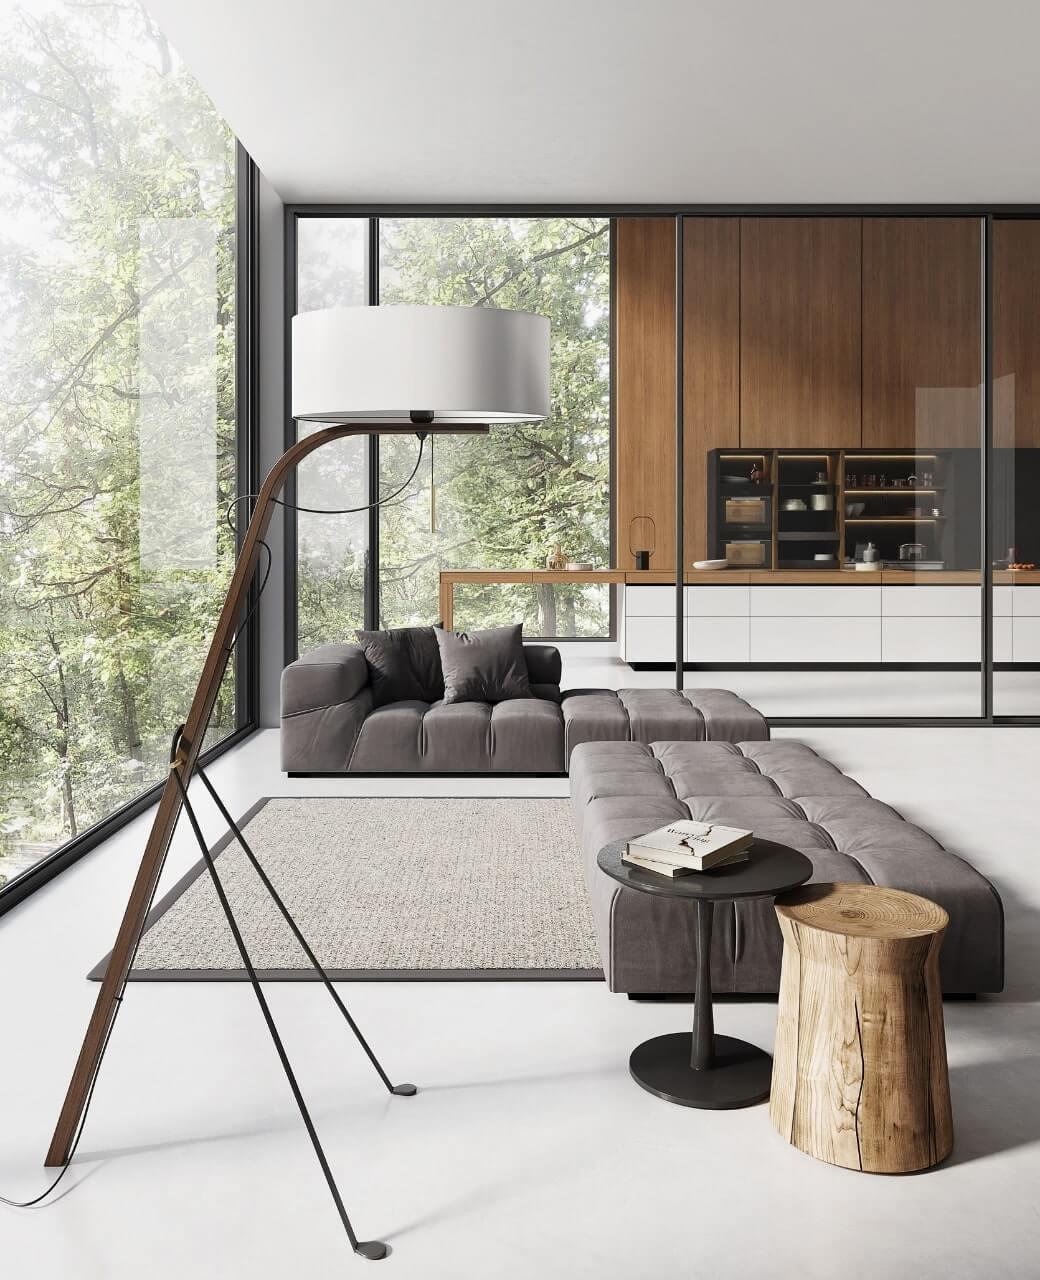 Modern lamp in living room